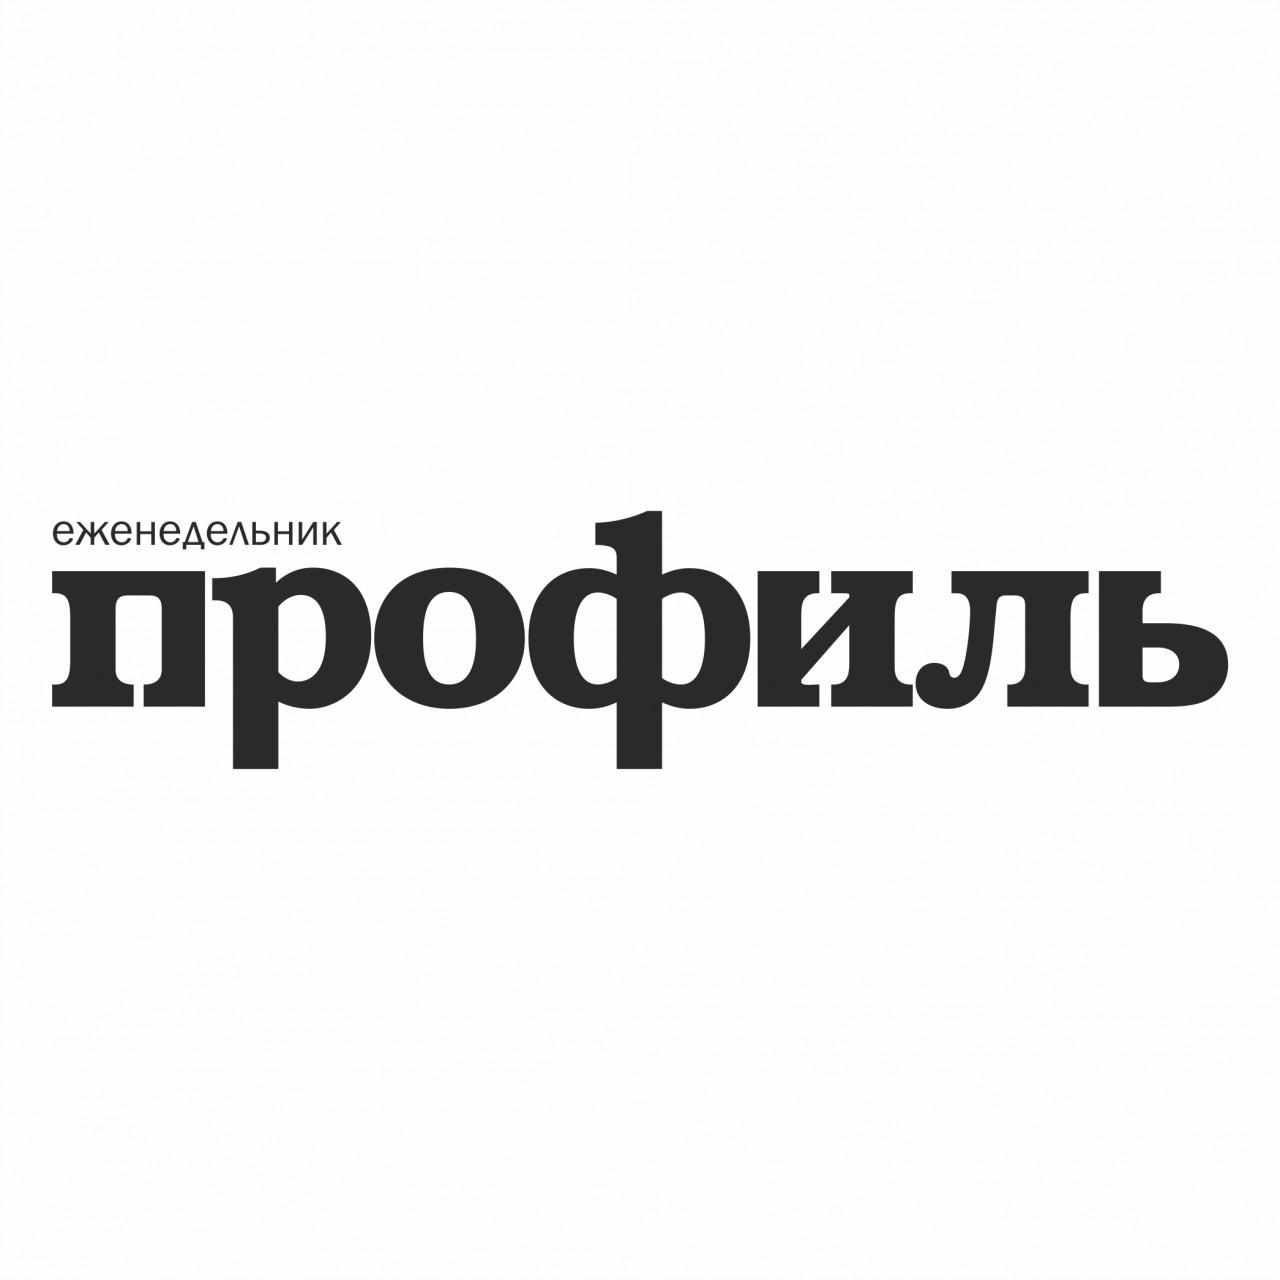 Украинские националисты пообещали устроить акцию на Крымском мосту